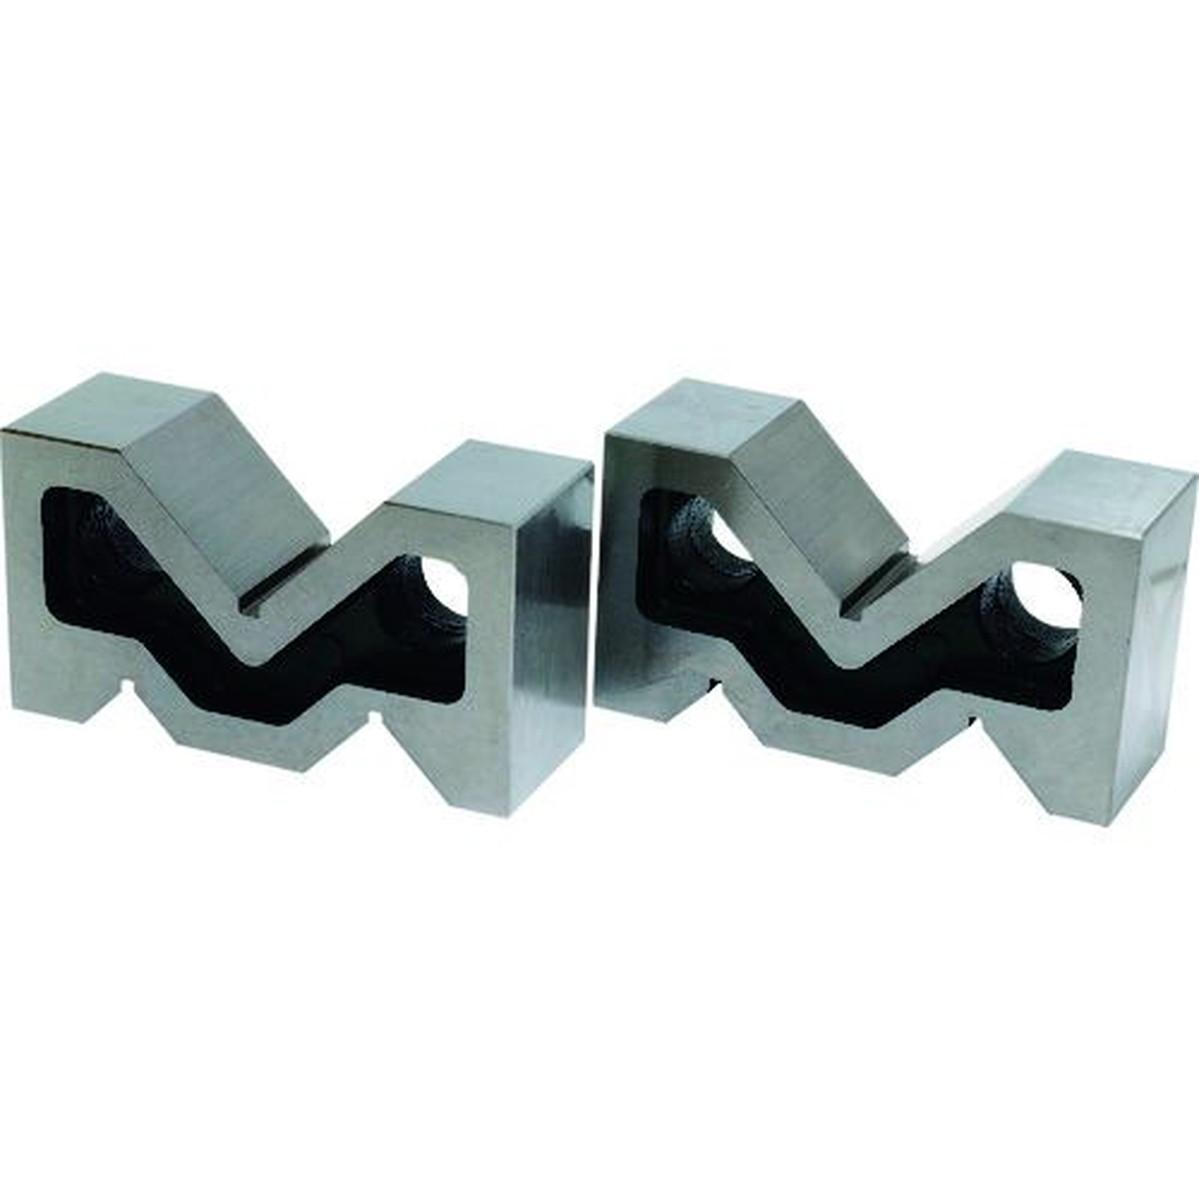 沸騰ブラドン SK 鋳鉄製Vブロック A型 A型 1組 鋳鉄製Vブロック 125mm 1組, ミシママチ:c505d8dd --- independentescortsdelhi.in